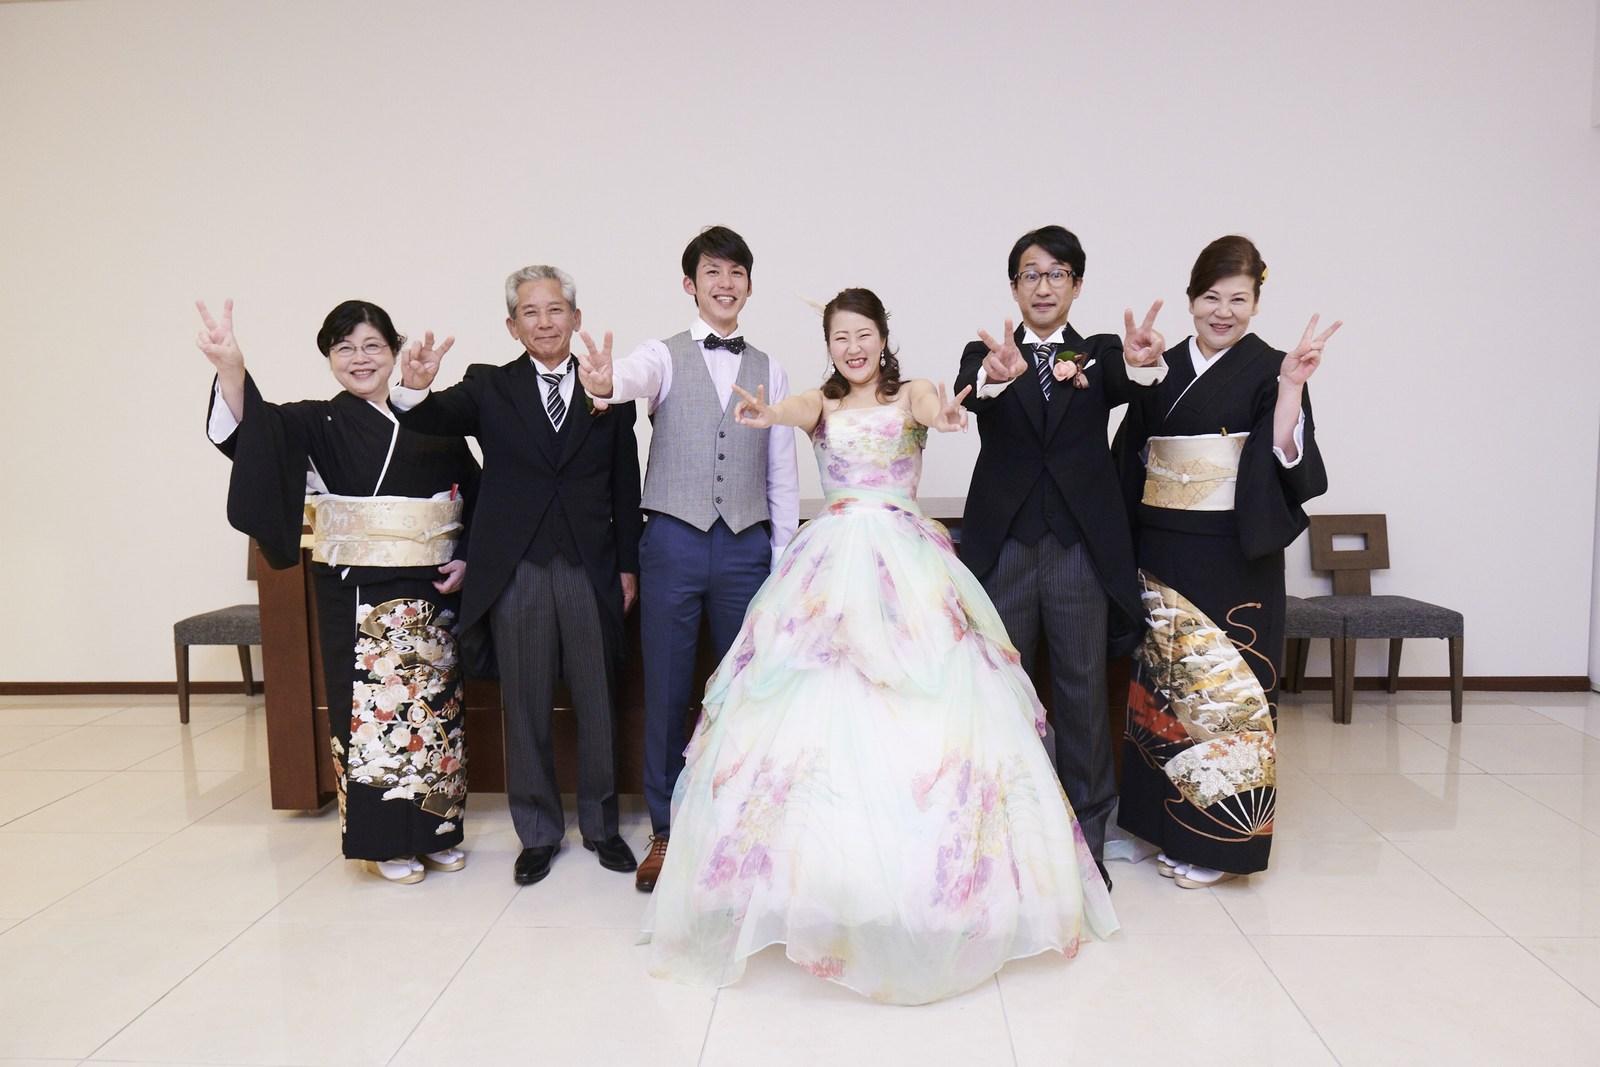 徳島県の結婚式場ブランアンジュの両家両親と新郎新婦で集合写真